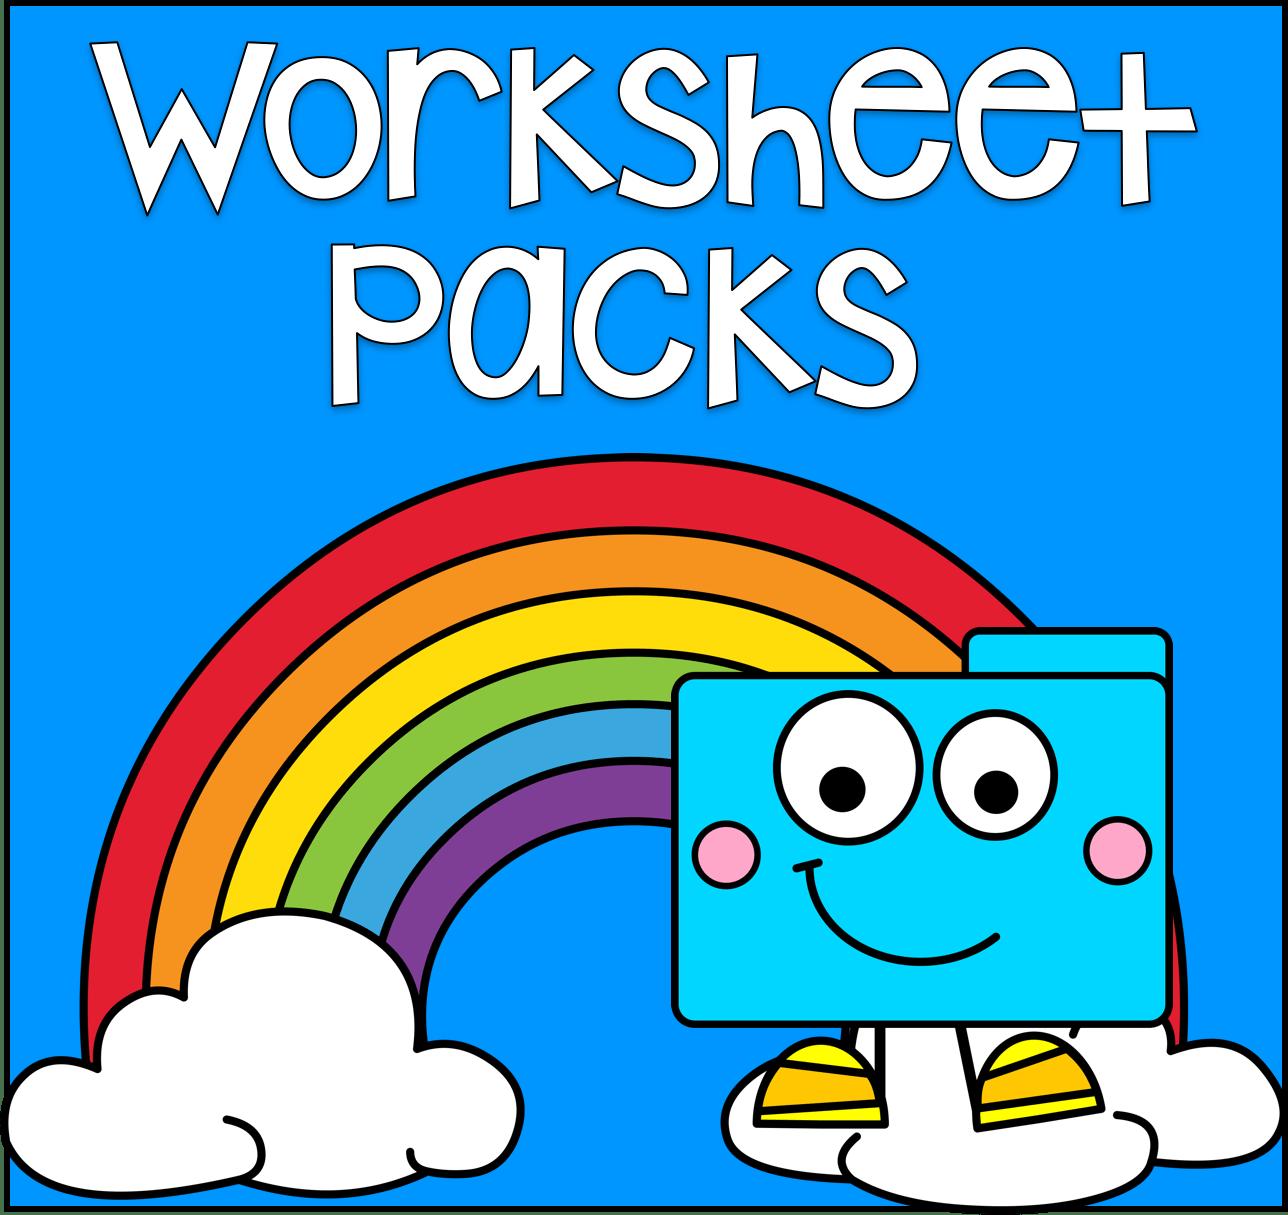 Worksheet Packs File Folder Games At File Folder Heaven